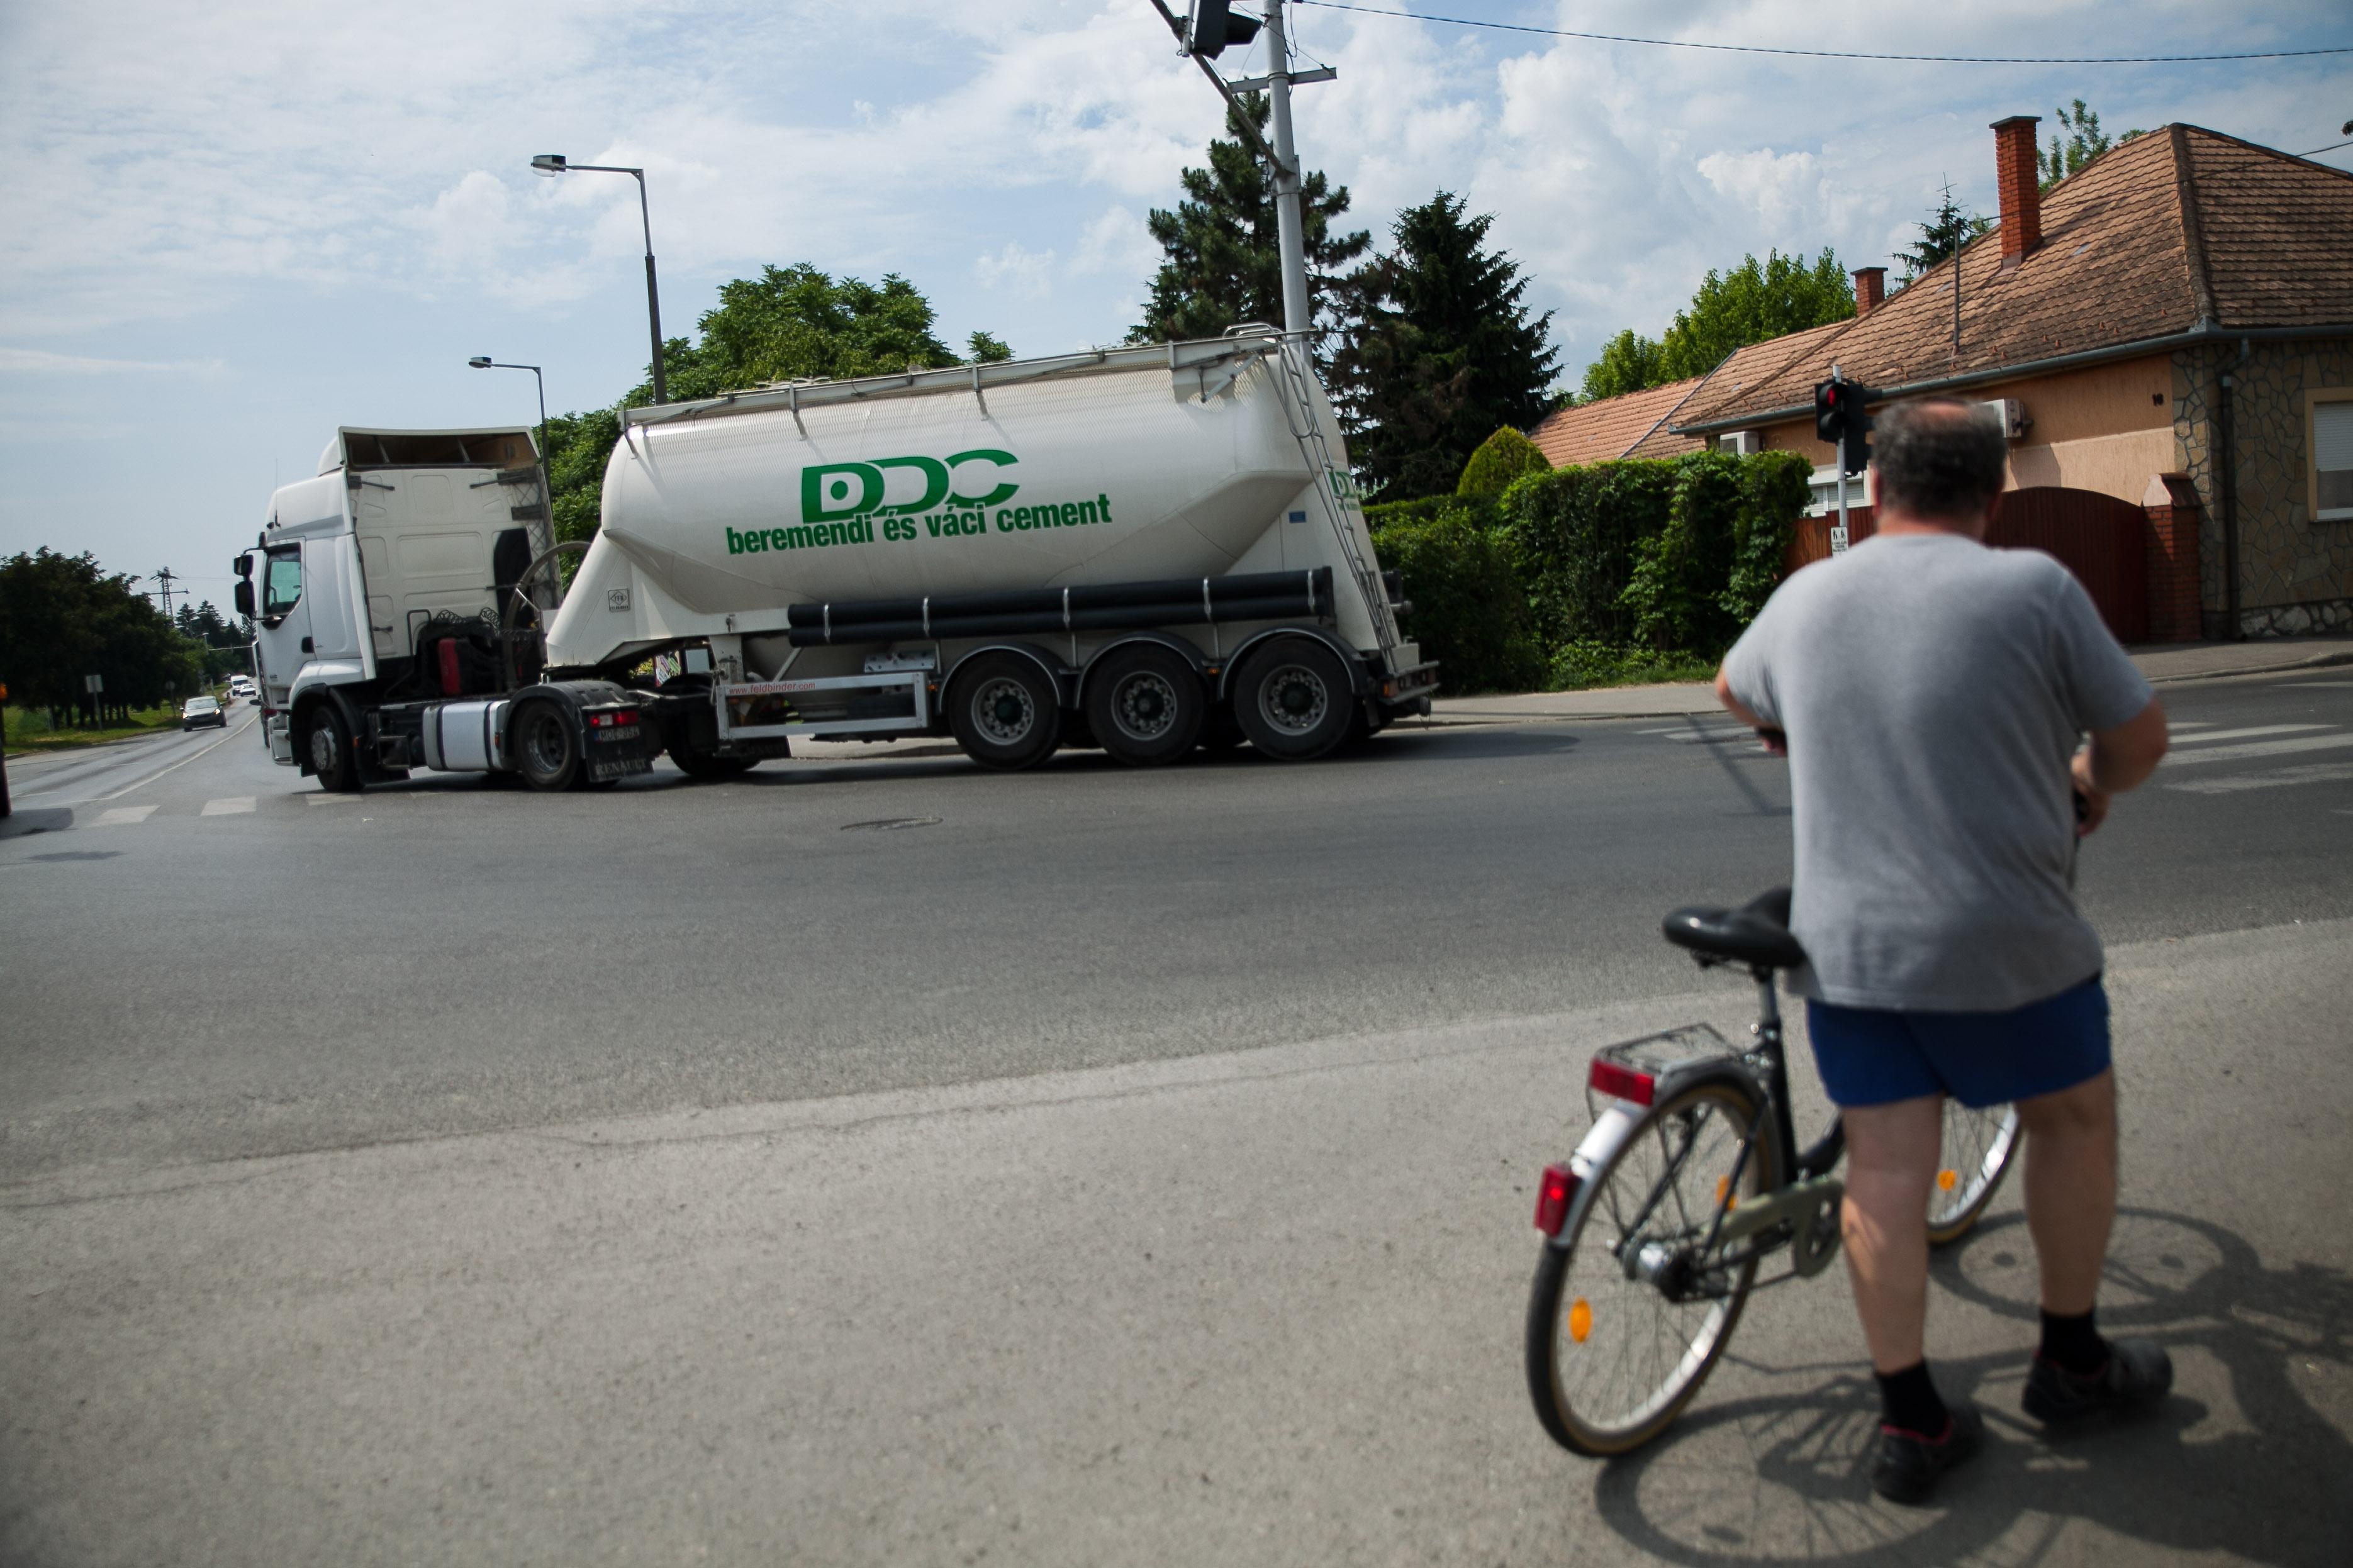 Zoltán tolja biciklijét a hatos út legrosszabb városbeli szakaszának kezdetén | Fotó: Magócsi Márton